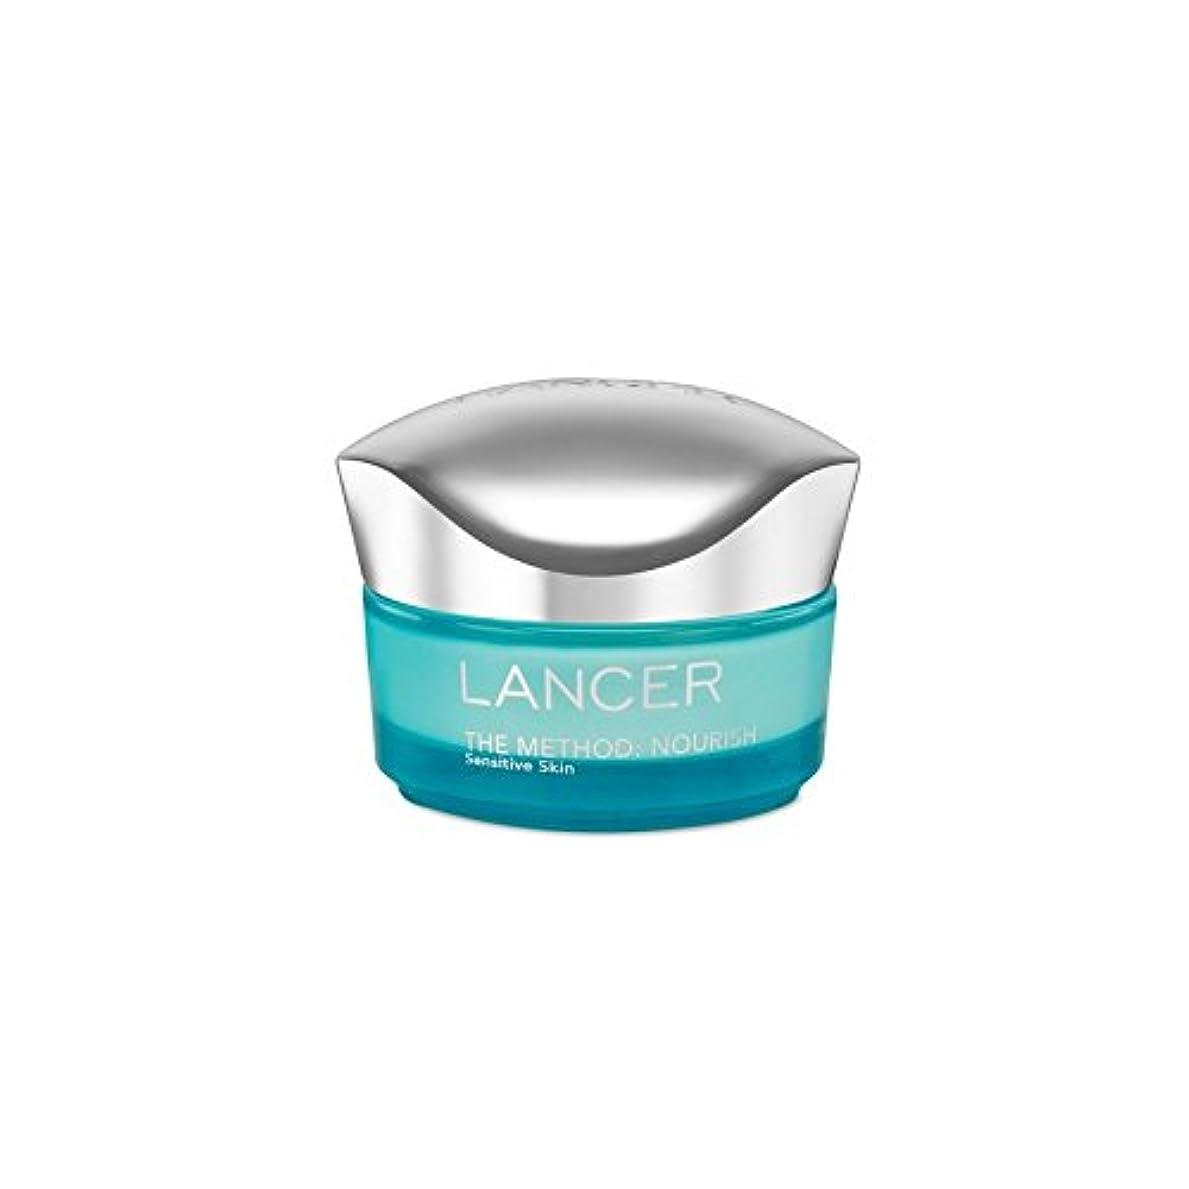 どきどき好き自己ランサーは、この方法をスキンケア:保湿敏感肌(50)に栄養を与えます x4 - Lancer Skincare The Method: Nourish Moisturiser Sensitive Skin (50ml)...